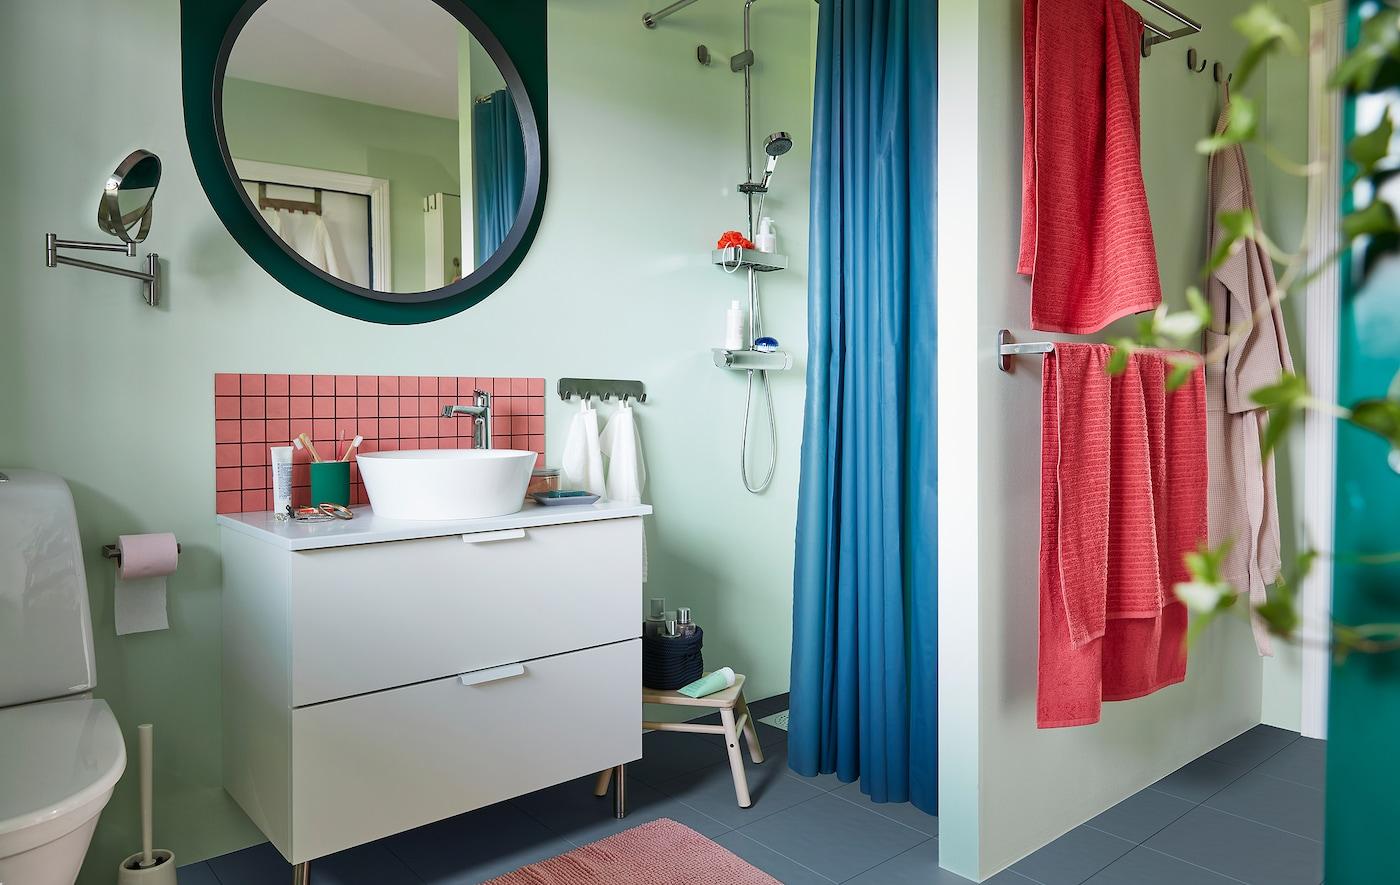 Interior bem organizado de uma casa de banho em suaves tons pastel, com armário para lavatório, chuveiro, toalheiro, espelho, plantas e acessórios.